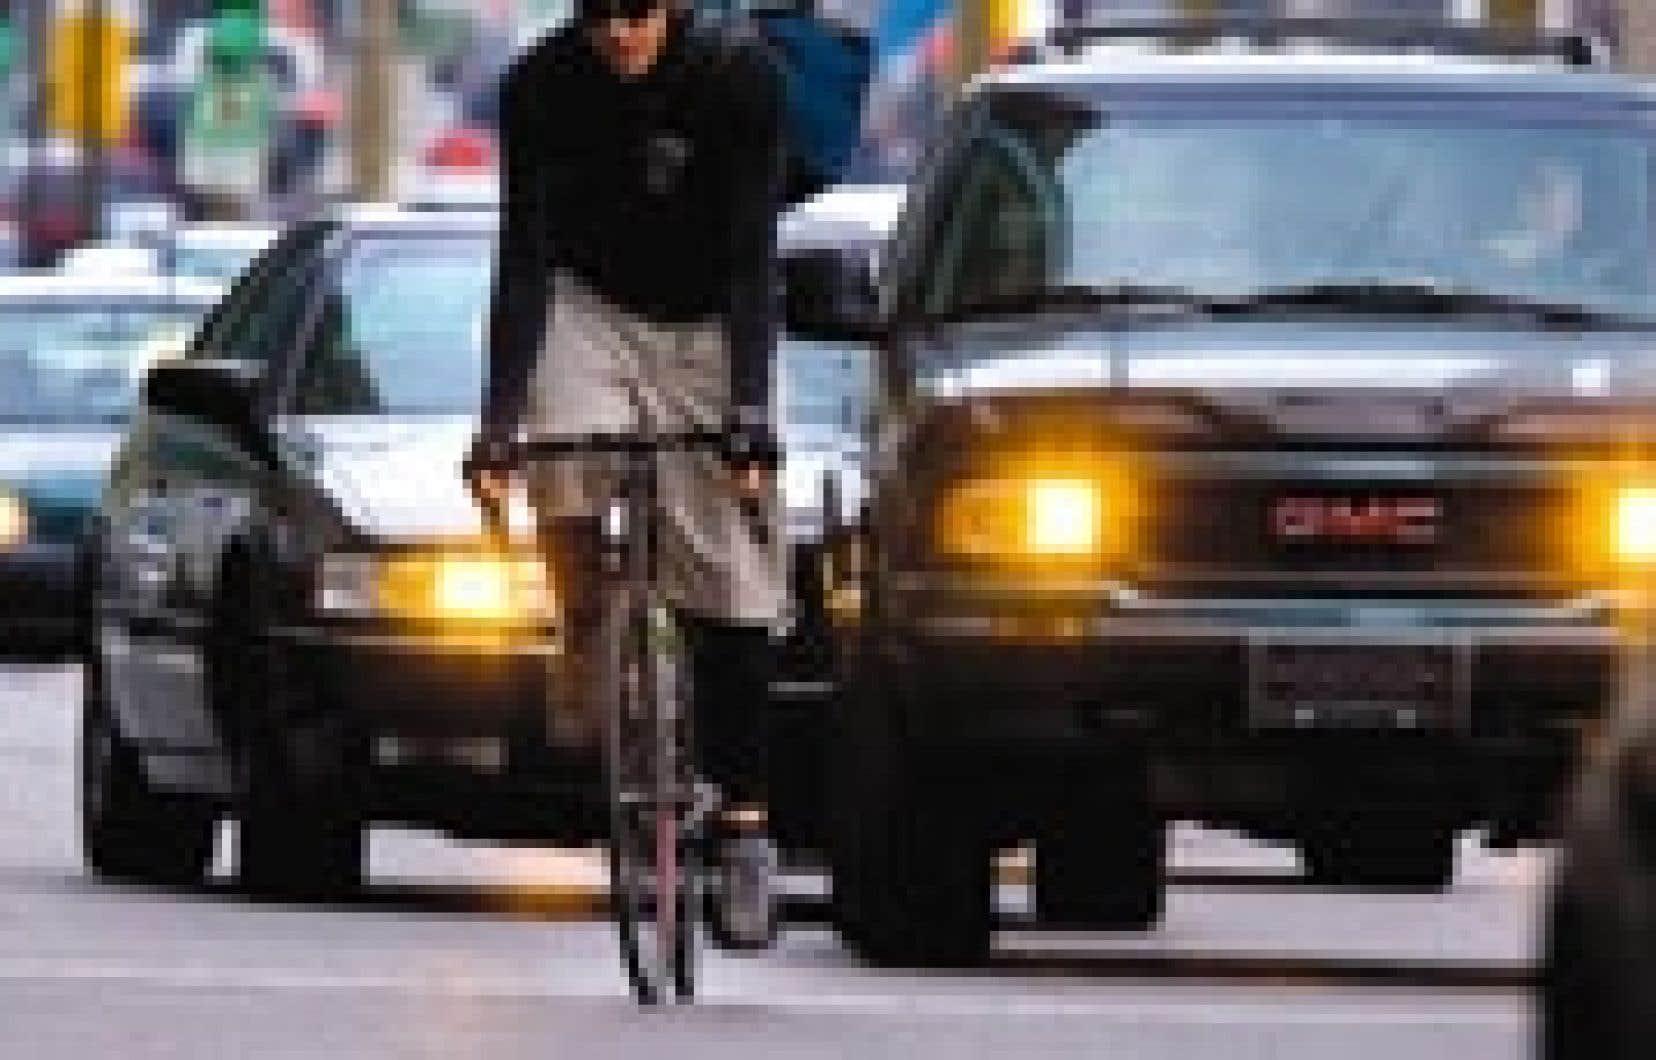 Entre le 22 mai et le 31 août, les policiers du SPVM ont distribué 1080 constats d'infraction au Code de la sécurité routière aux cyclistes.